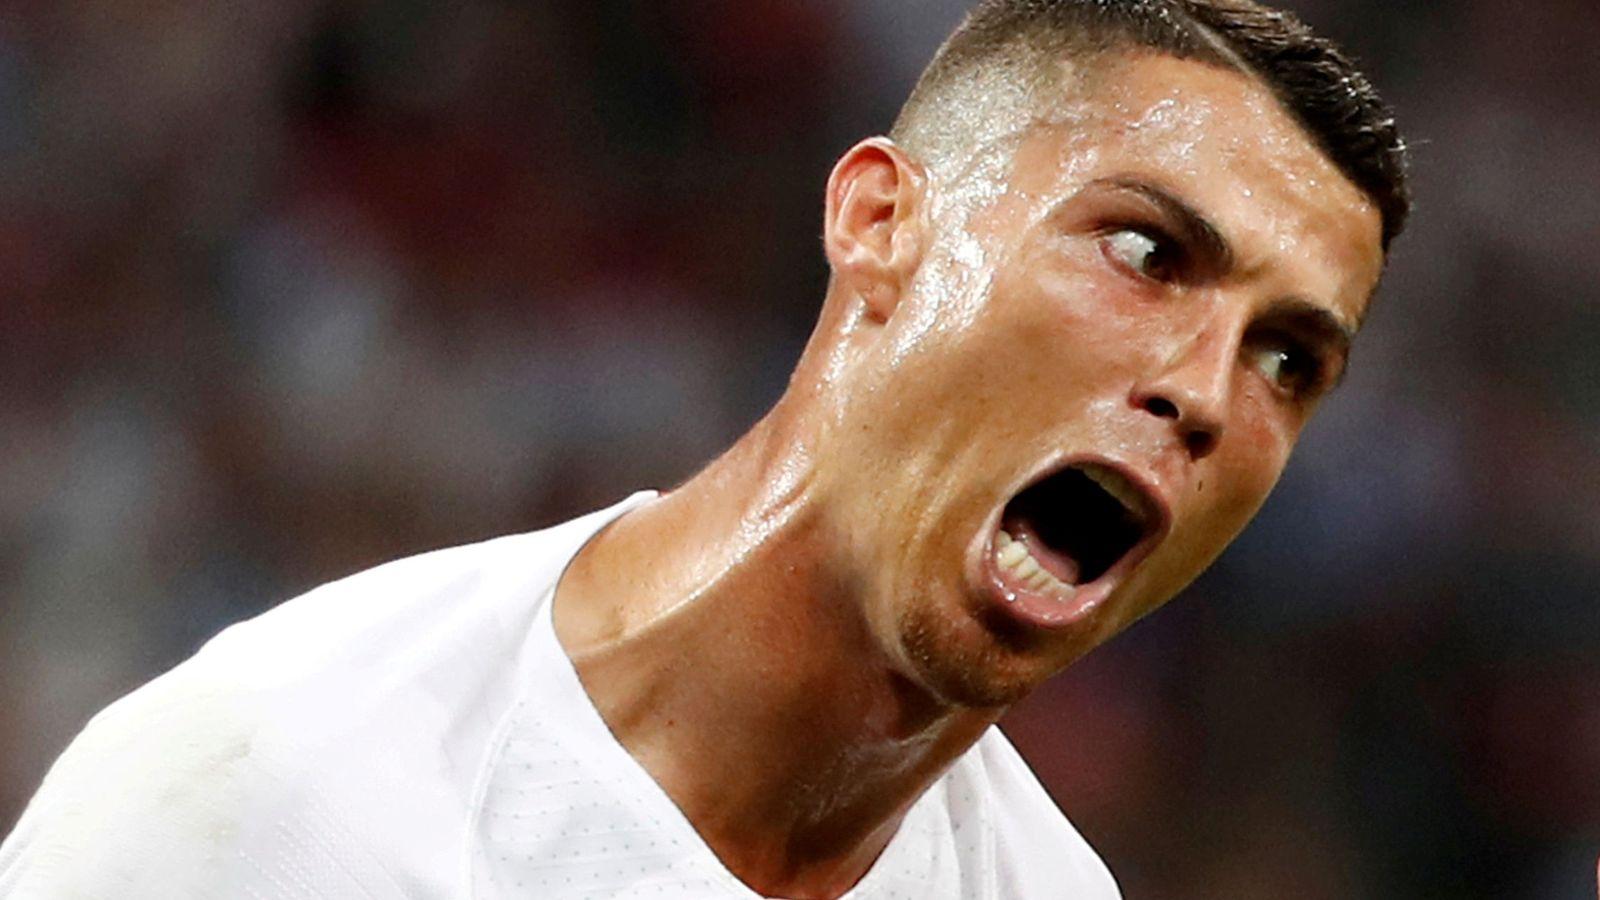 Cristiano Ronaldo ha sido estafado por una agente de viajes que le ha 'tangado' 300.000 euros